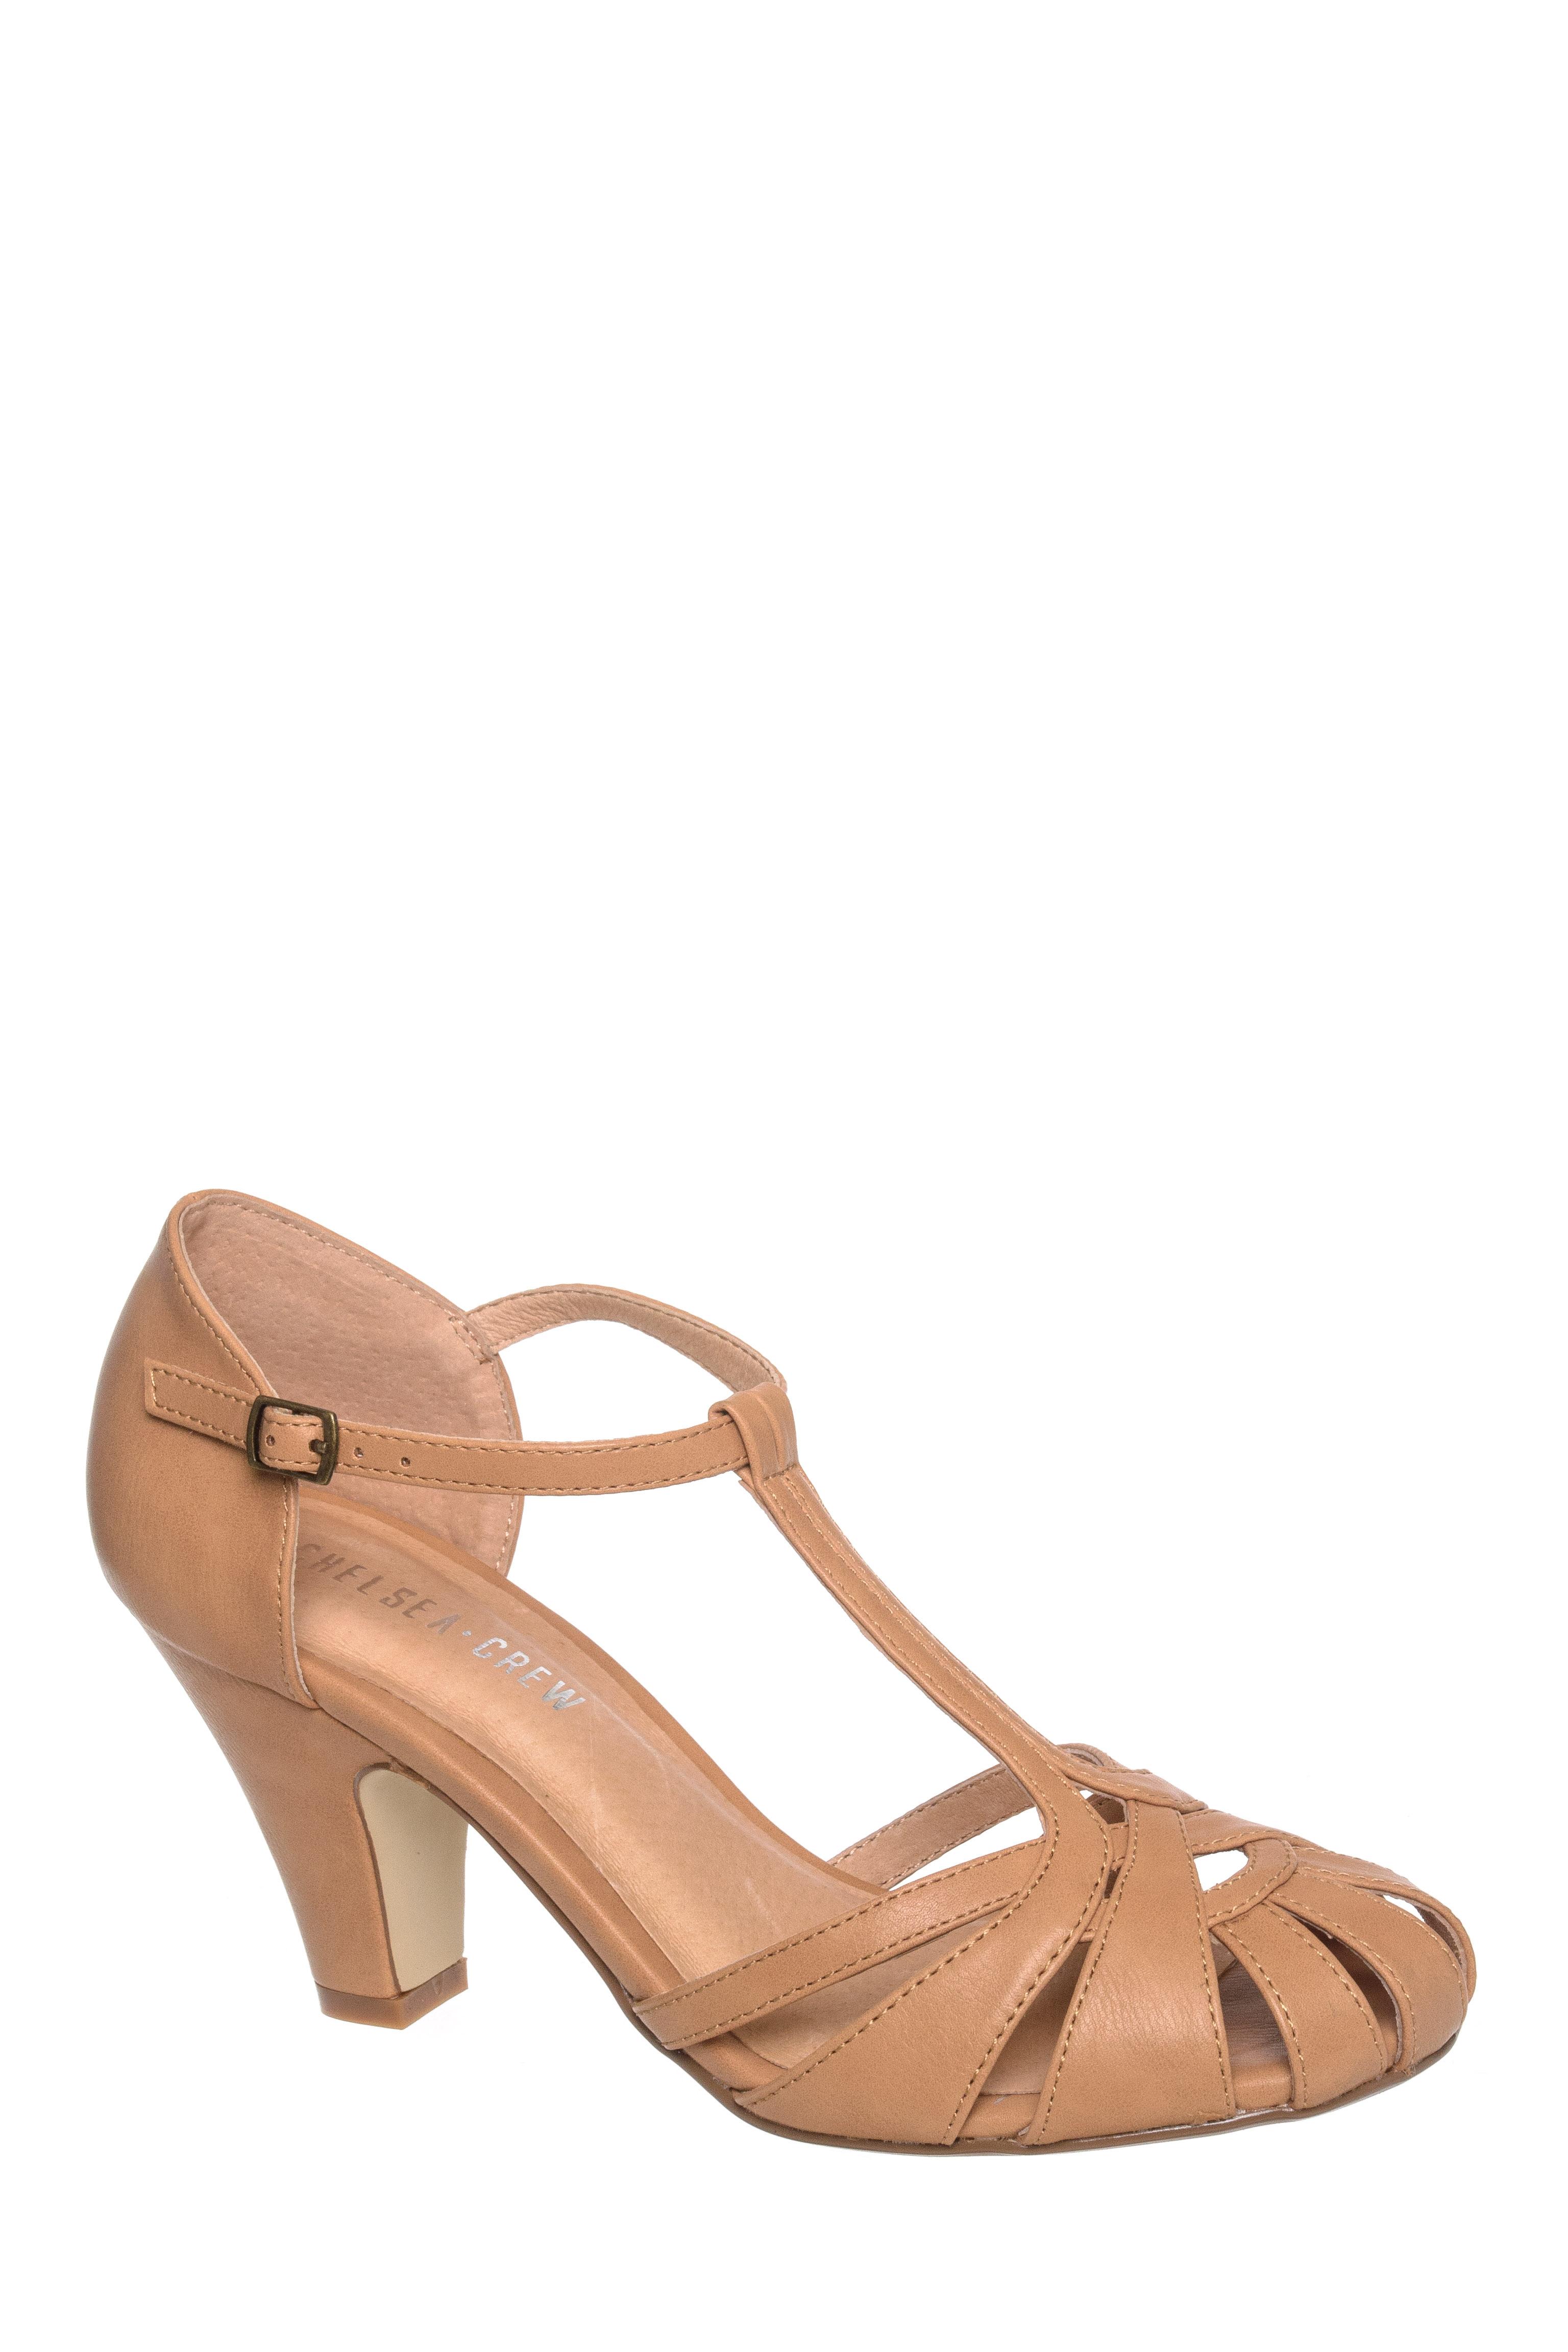 Sergi Mid Heel T-Strap Sandal $45.49 AT vintagedancer.com